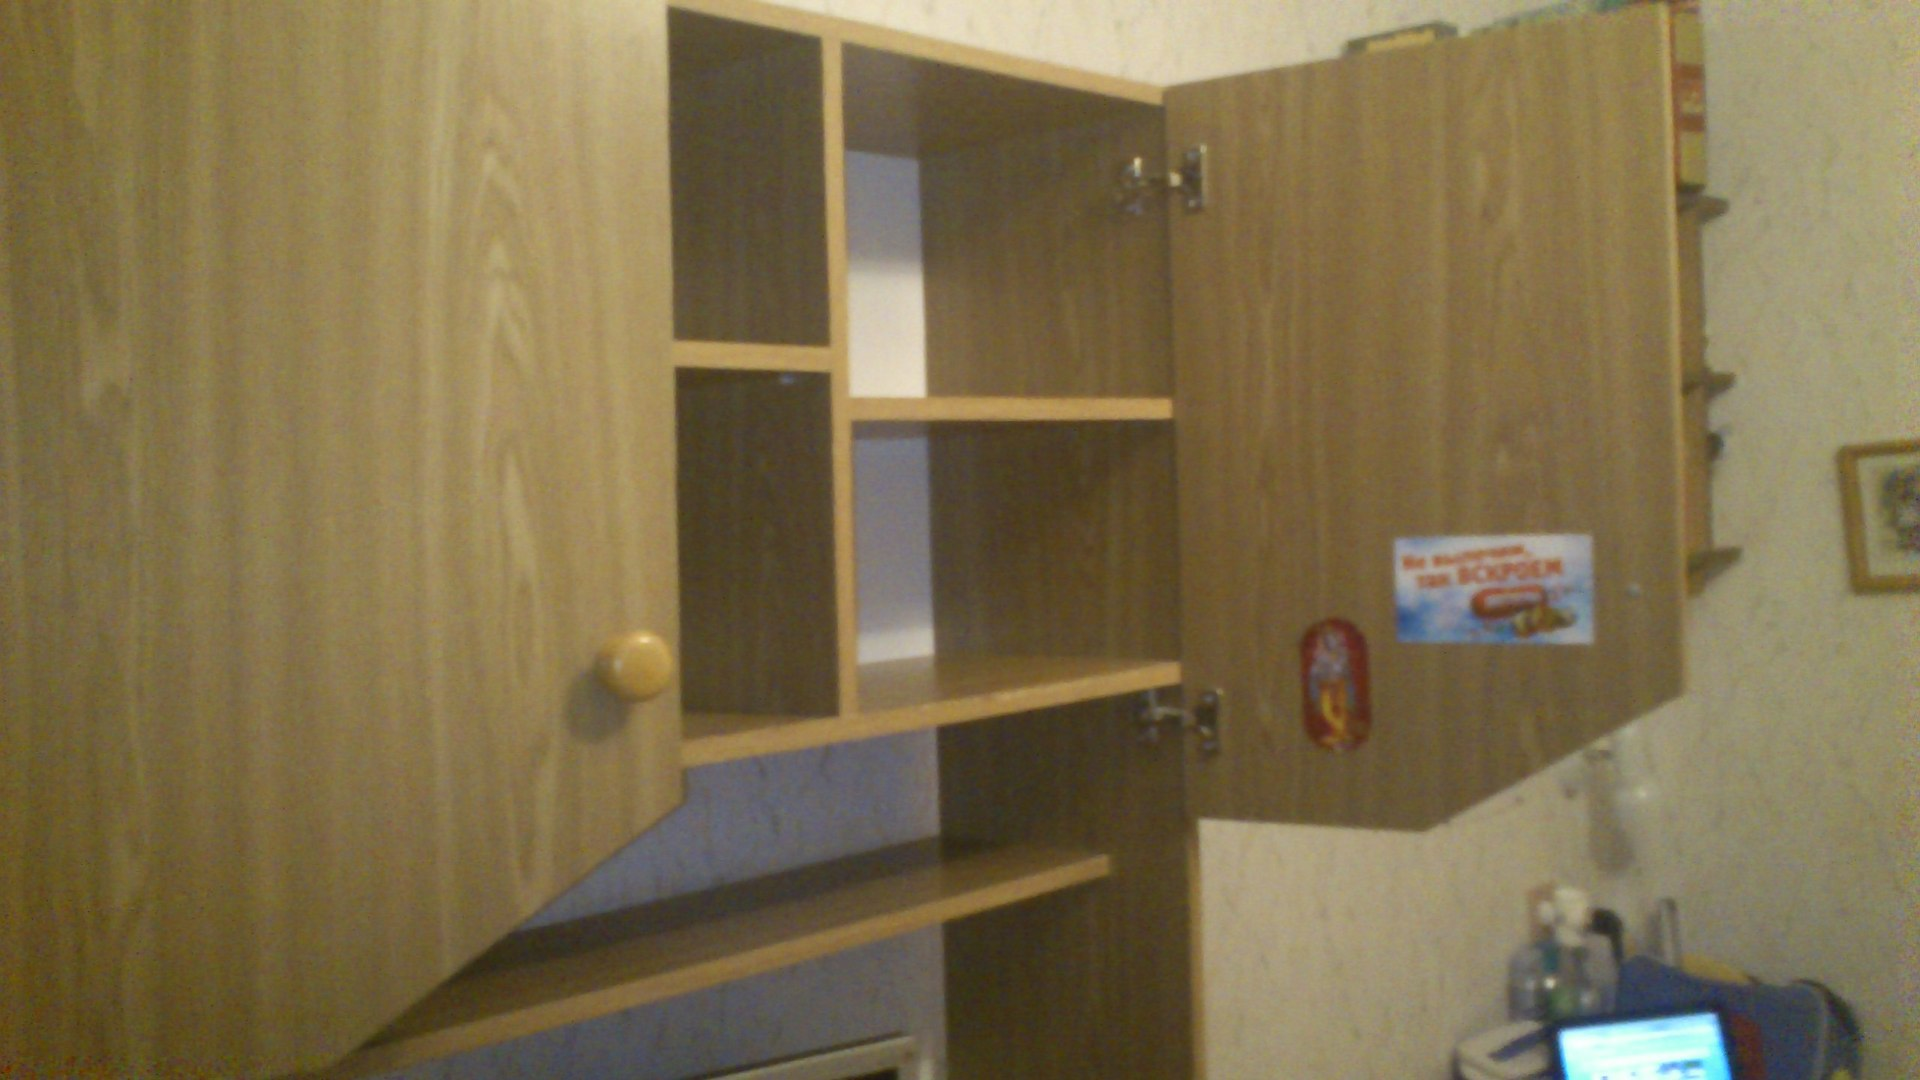 Продам срочно комп.стол+книжная стенка : мебель. купить - пр.